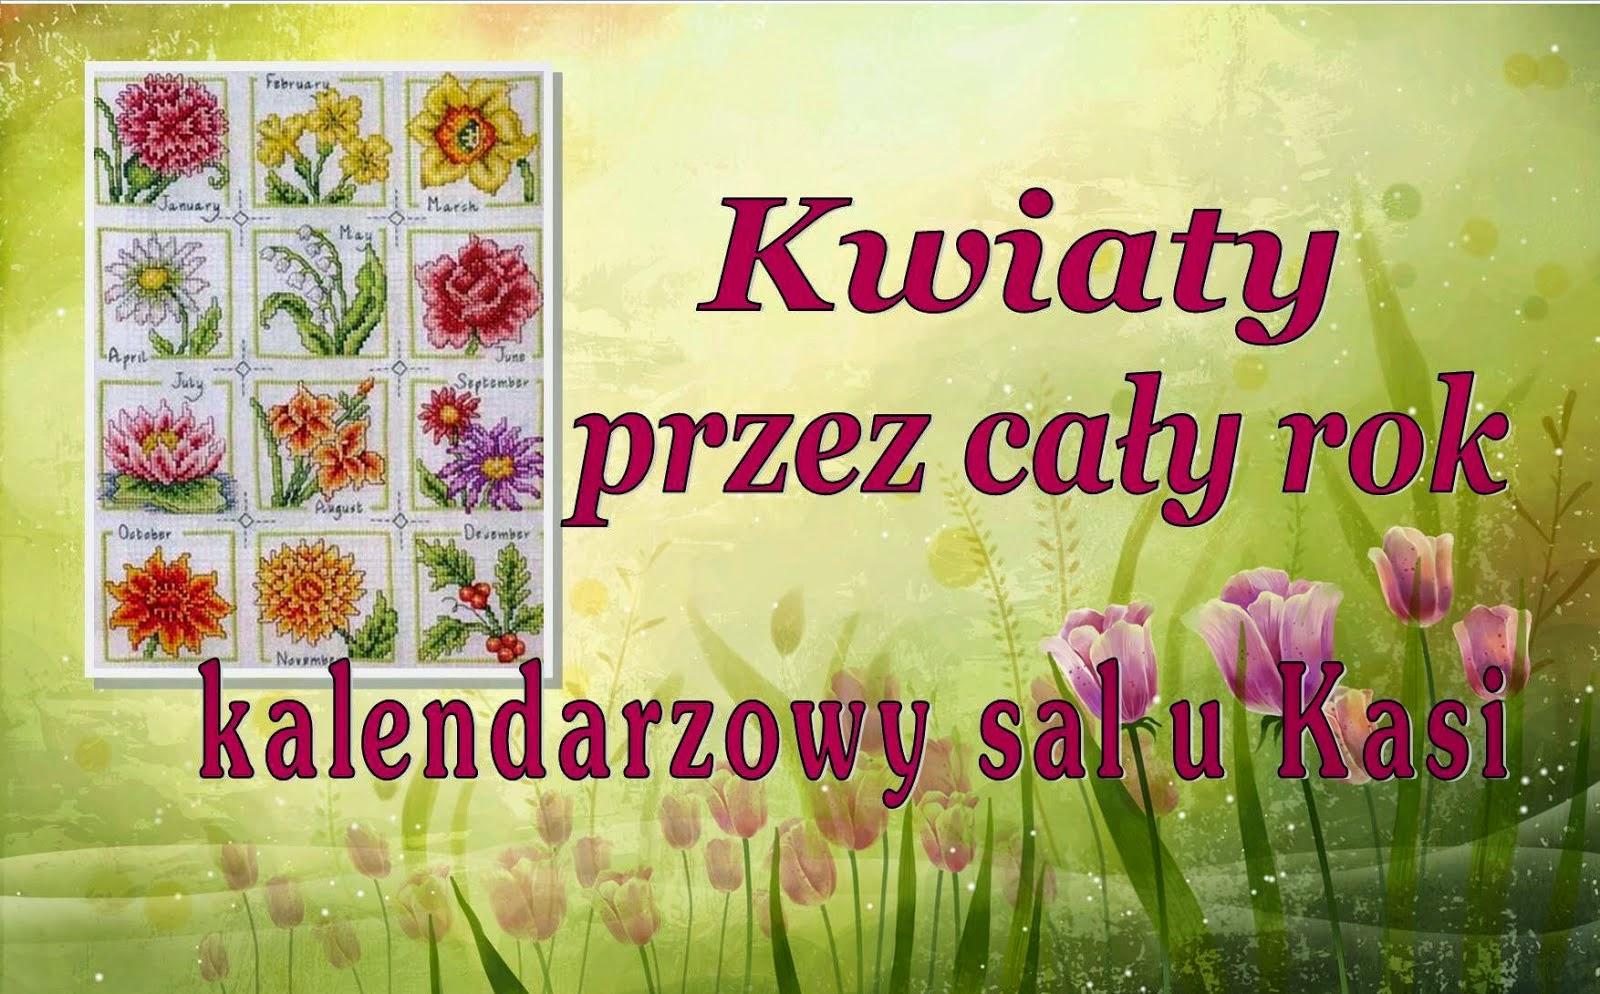 Kwiaty przez cały rok u Kasi